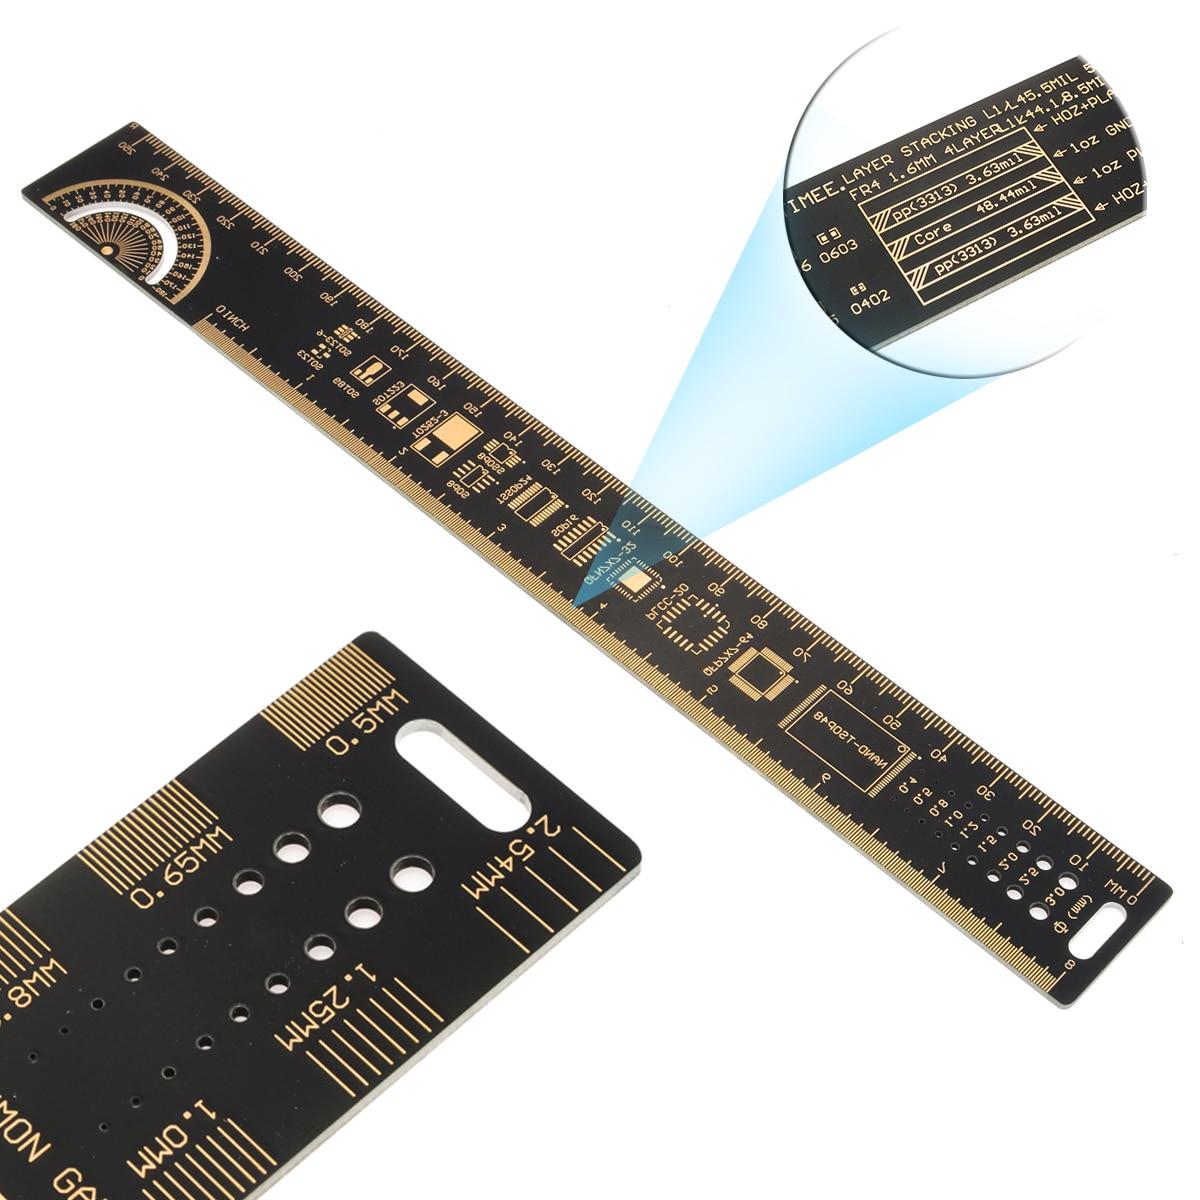 25cm 10 Inch Multifunctional PCB Ruler Measuring Tool Resistor Capacitor Kit